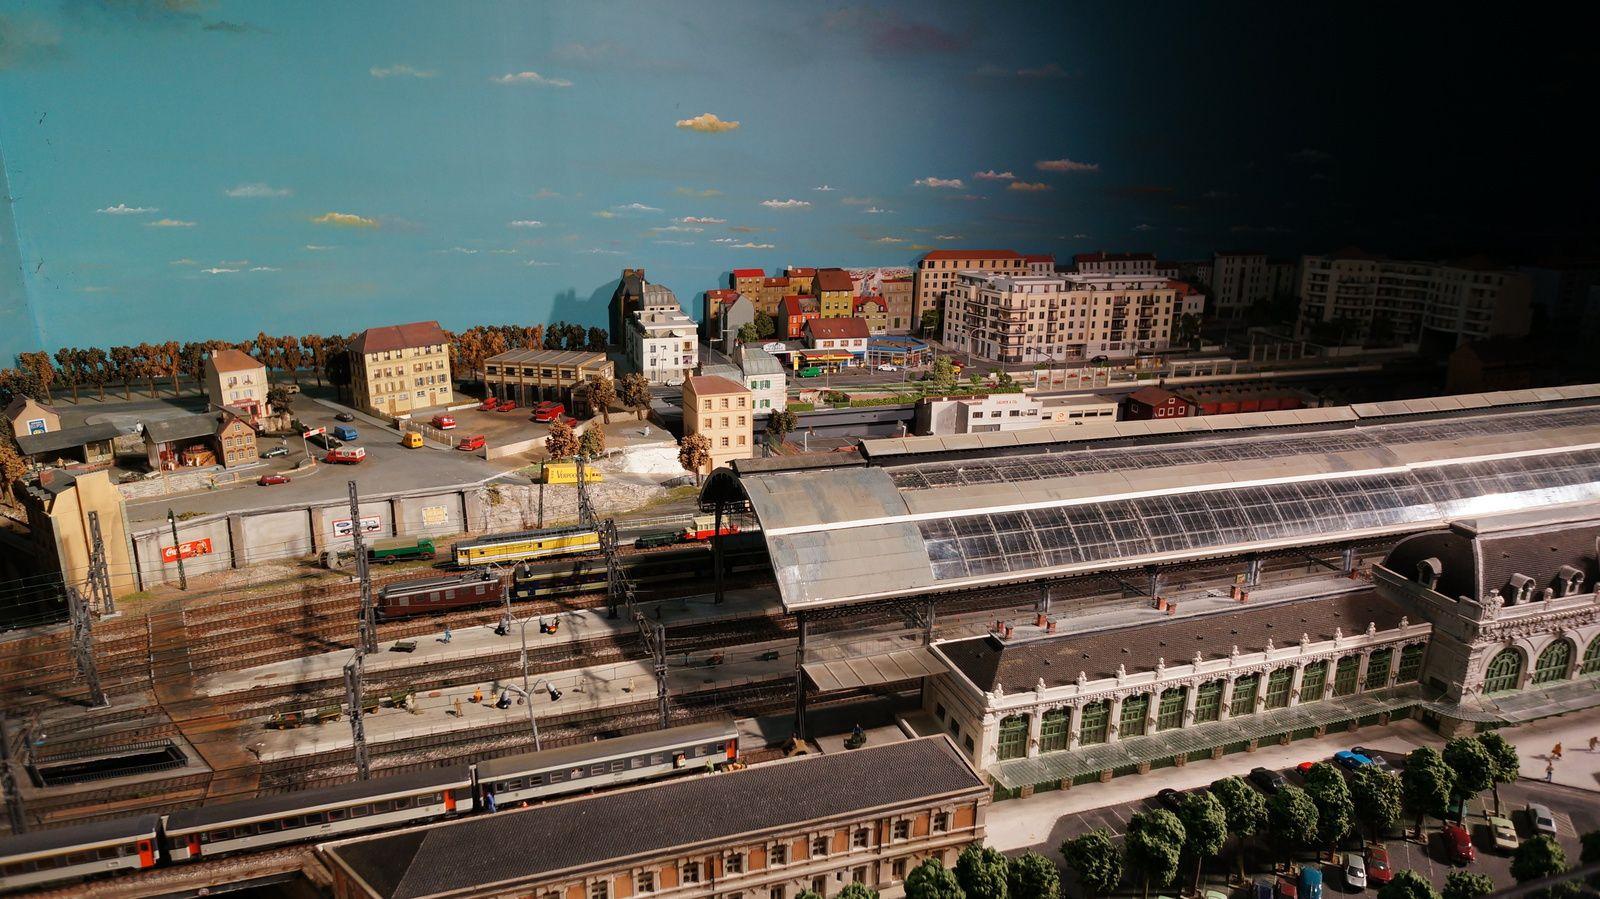 Vidéo de la construction, semaine du 28 Avril au 2 Mai 2014 - Mini World Lyon - Deuxième partie